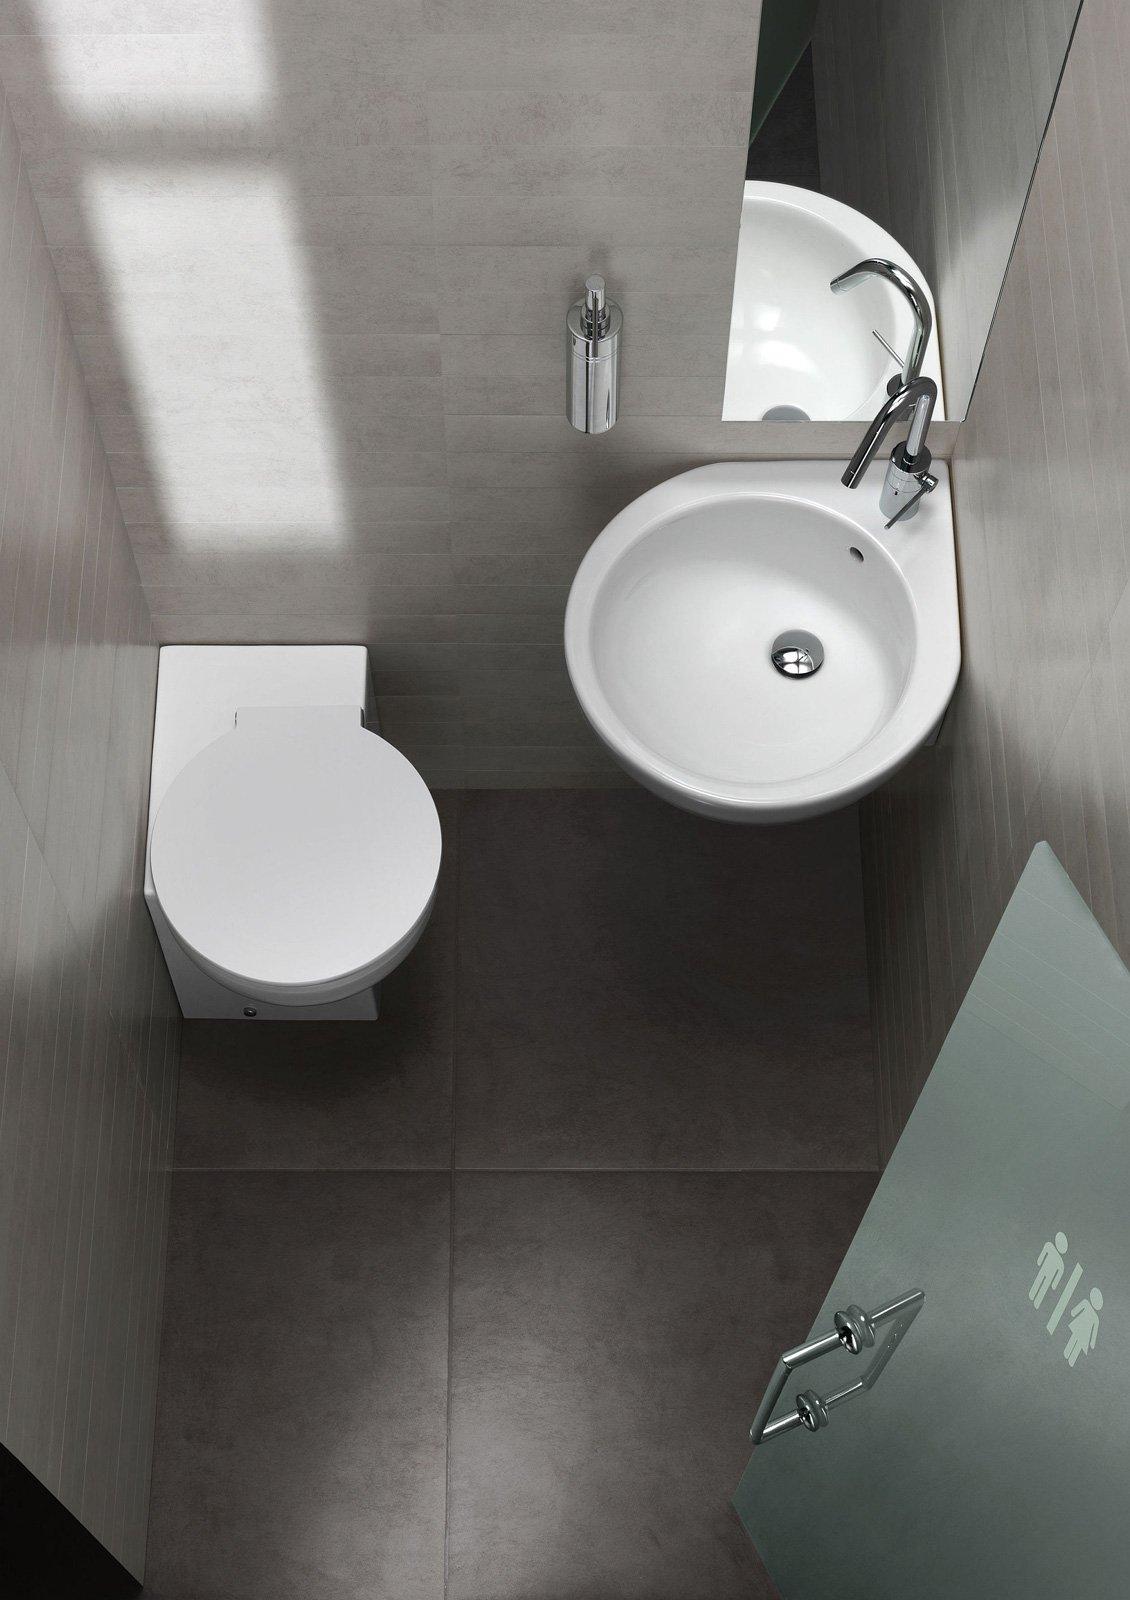 Salvaspazio per il bagno water e bidet piccoli cose di casa - Dimensioni water piccolo ...